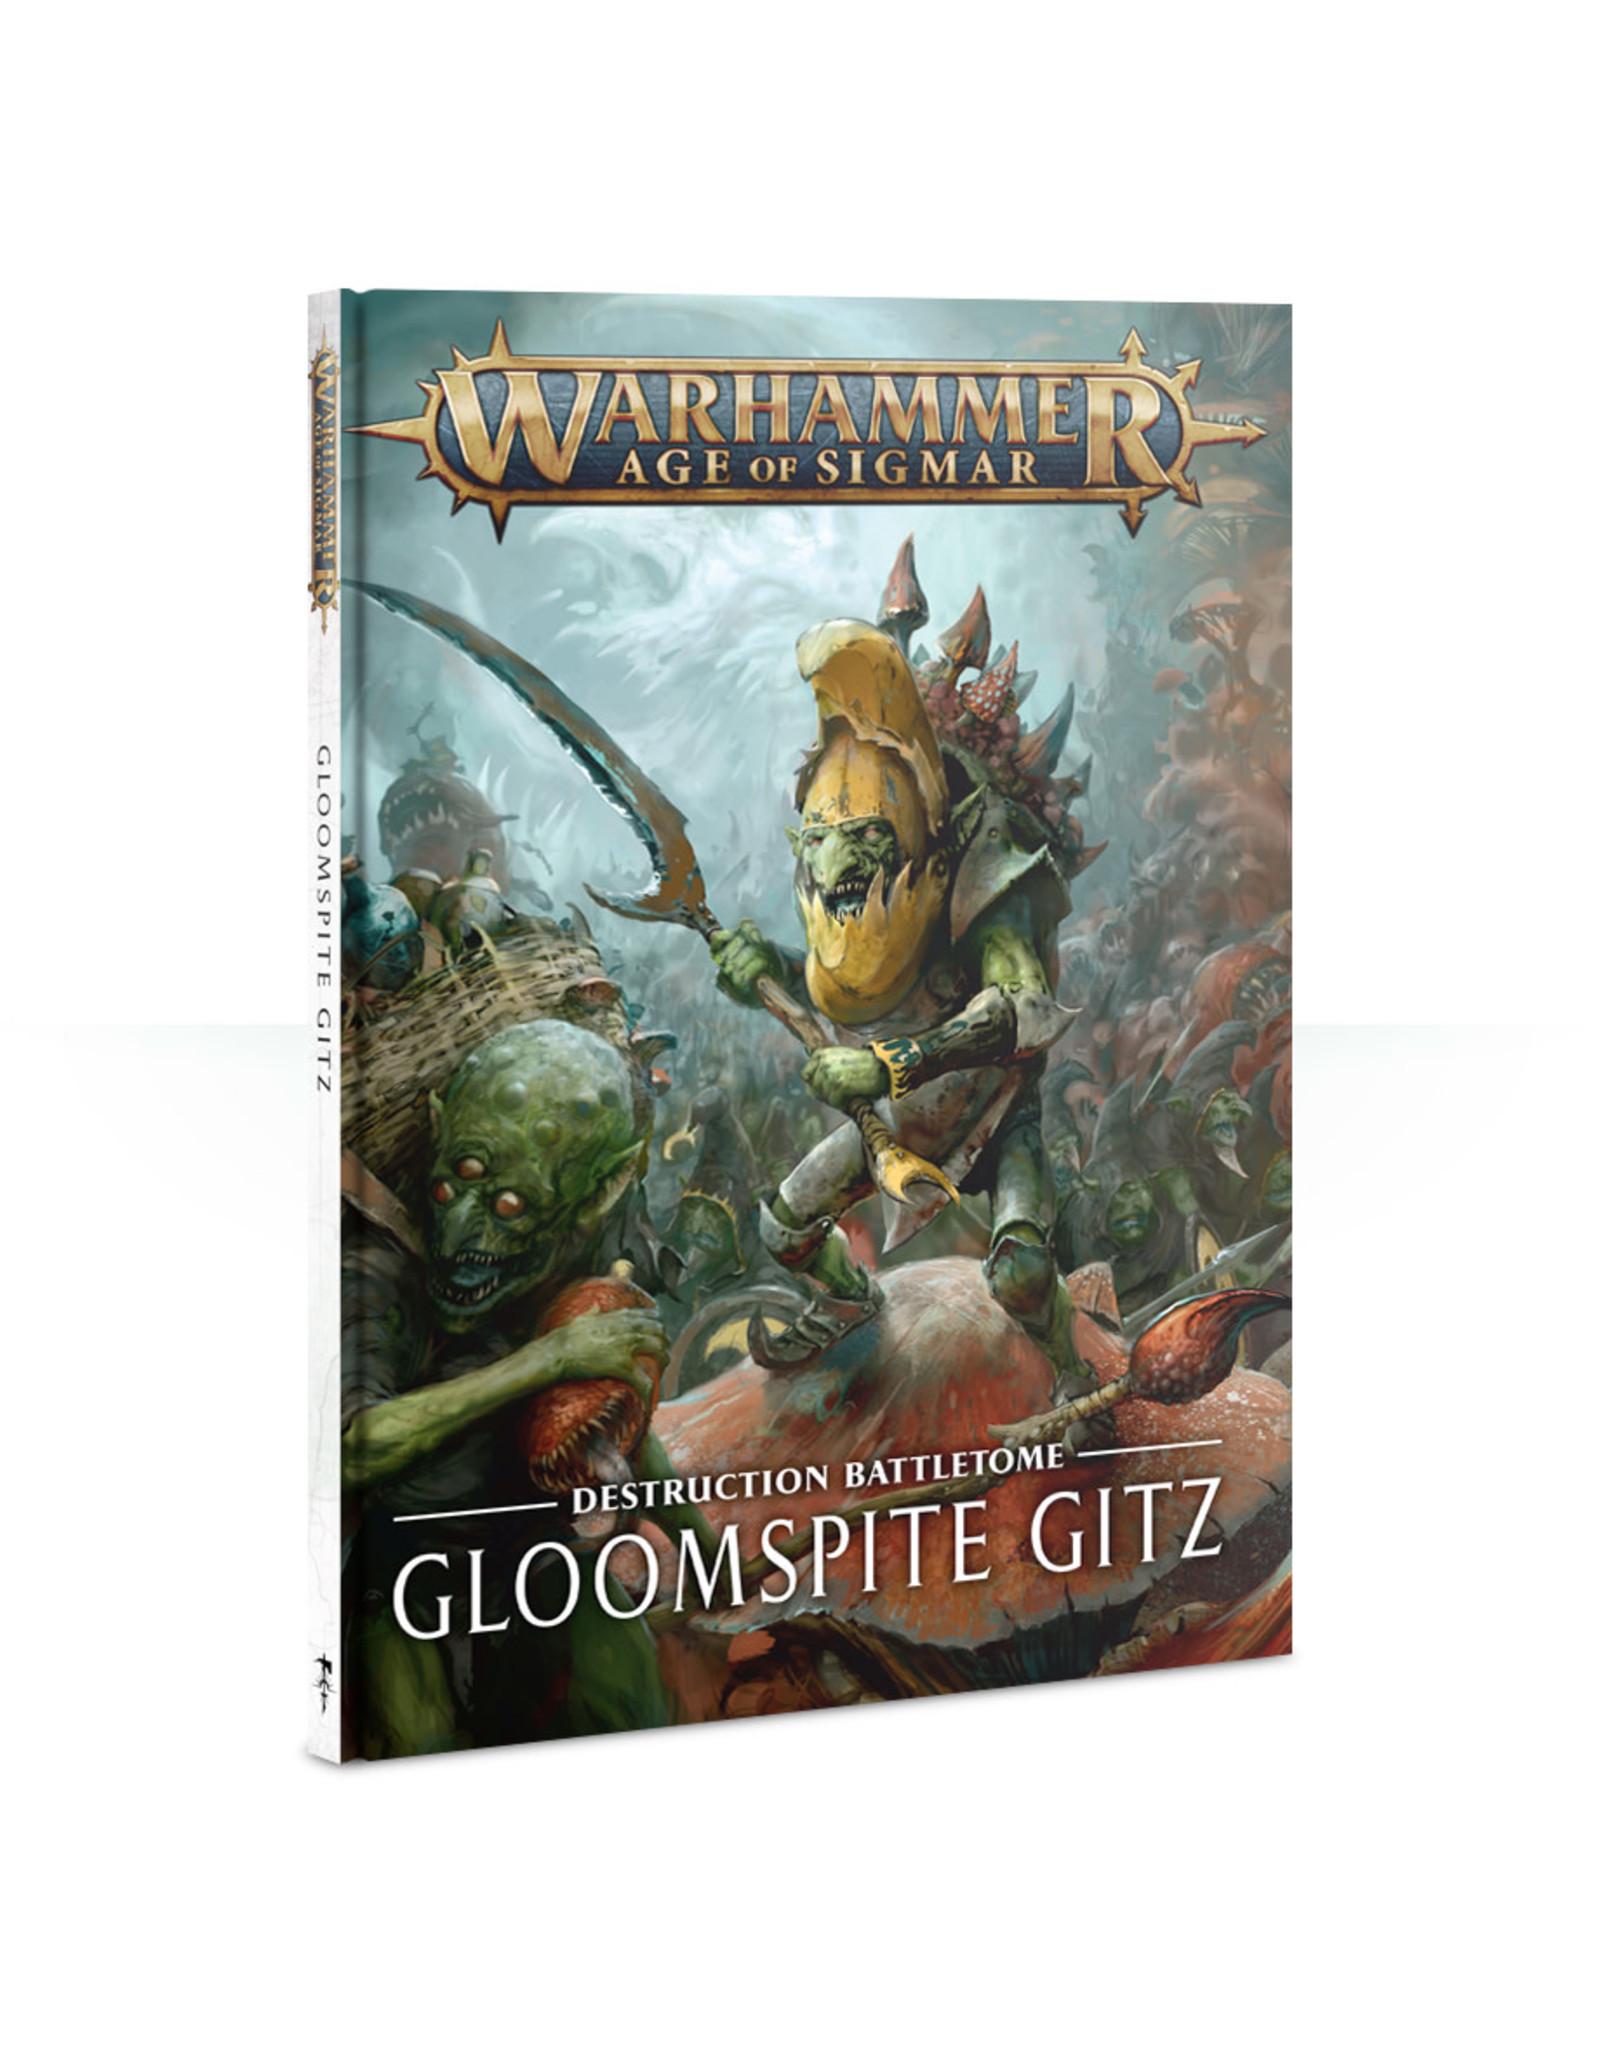 Age of Sigmar Battletome Gloomspite Gitz (HB) (ENG)